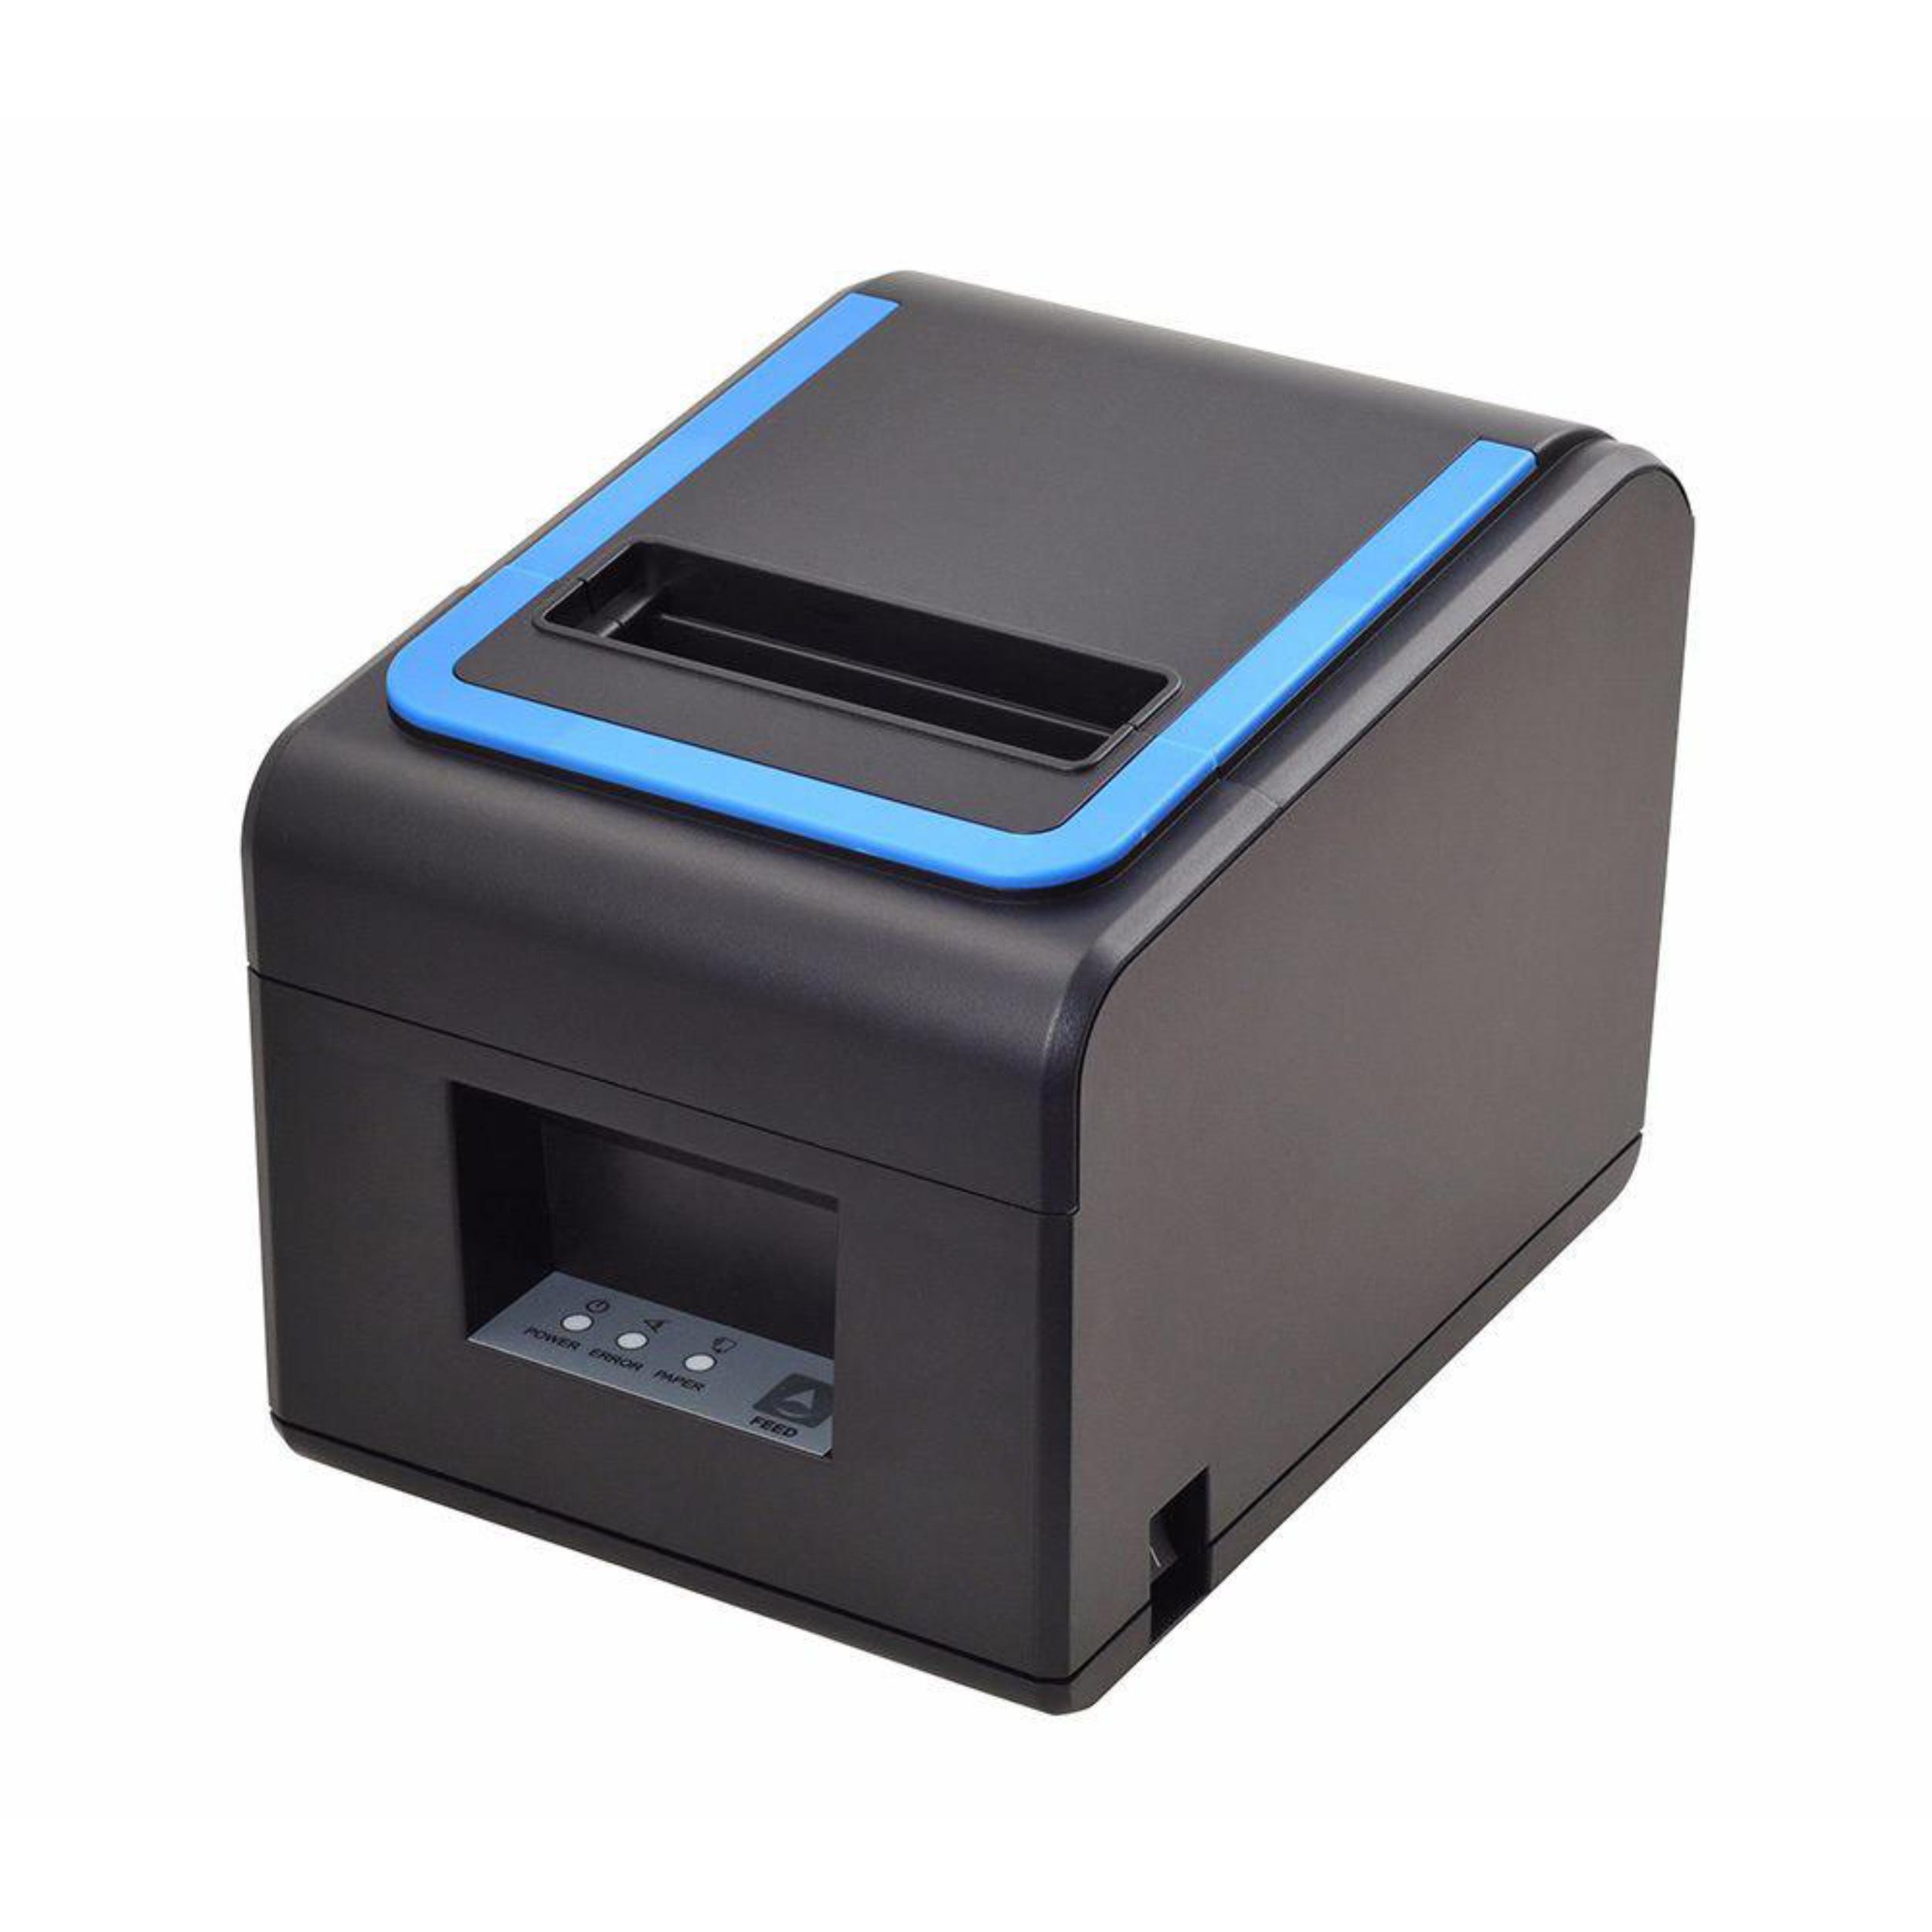 قیمت                      پرینتر حرارتی ایکس پرینتر مدل XP-V320M